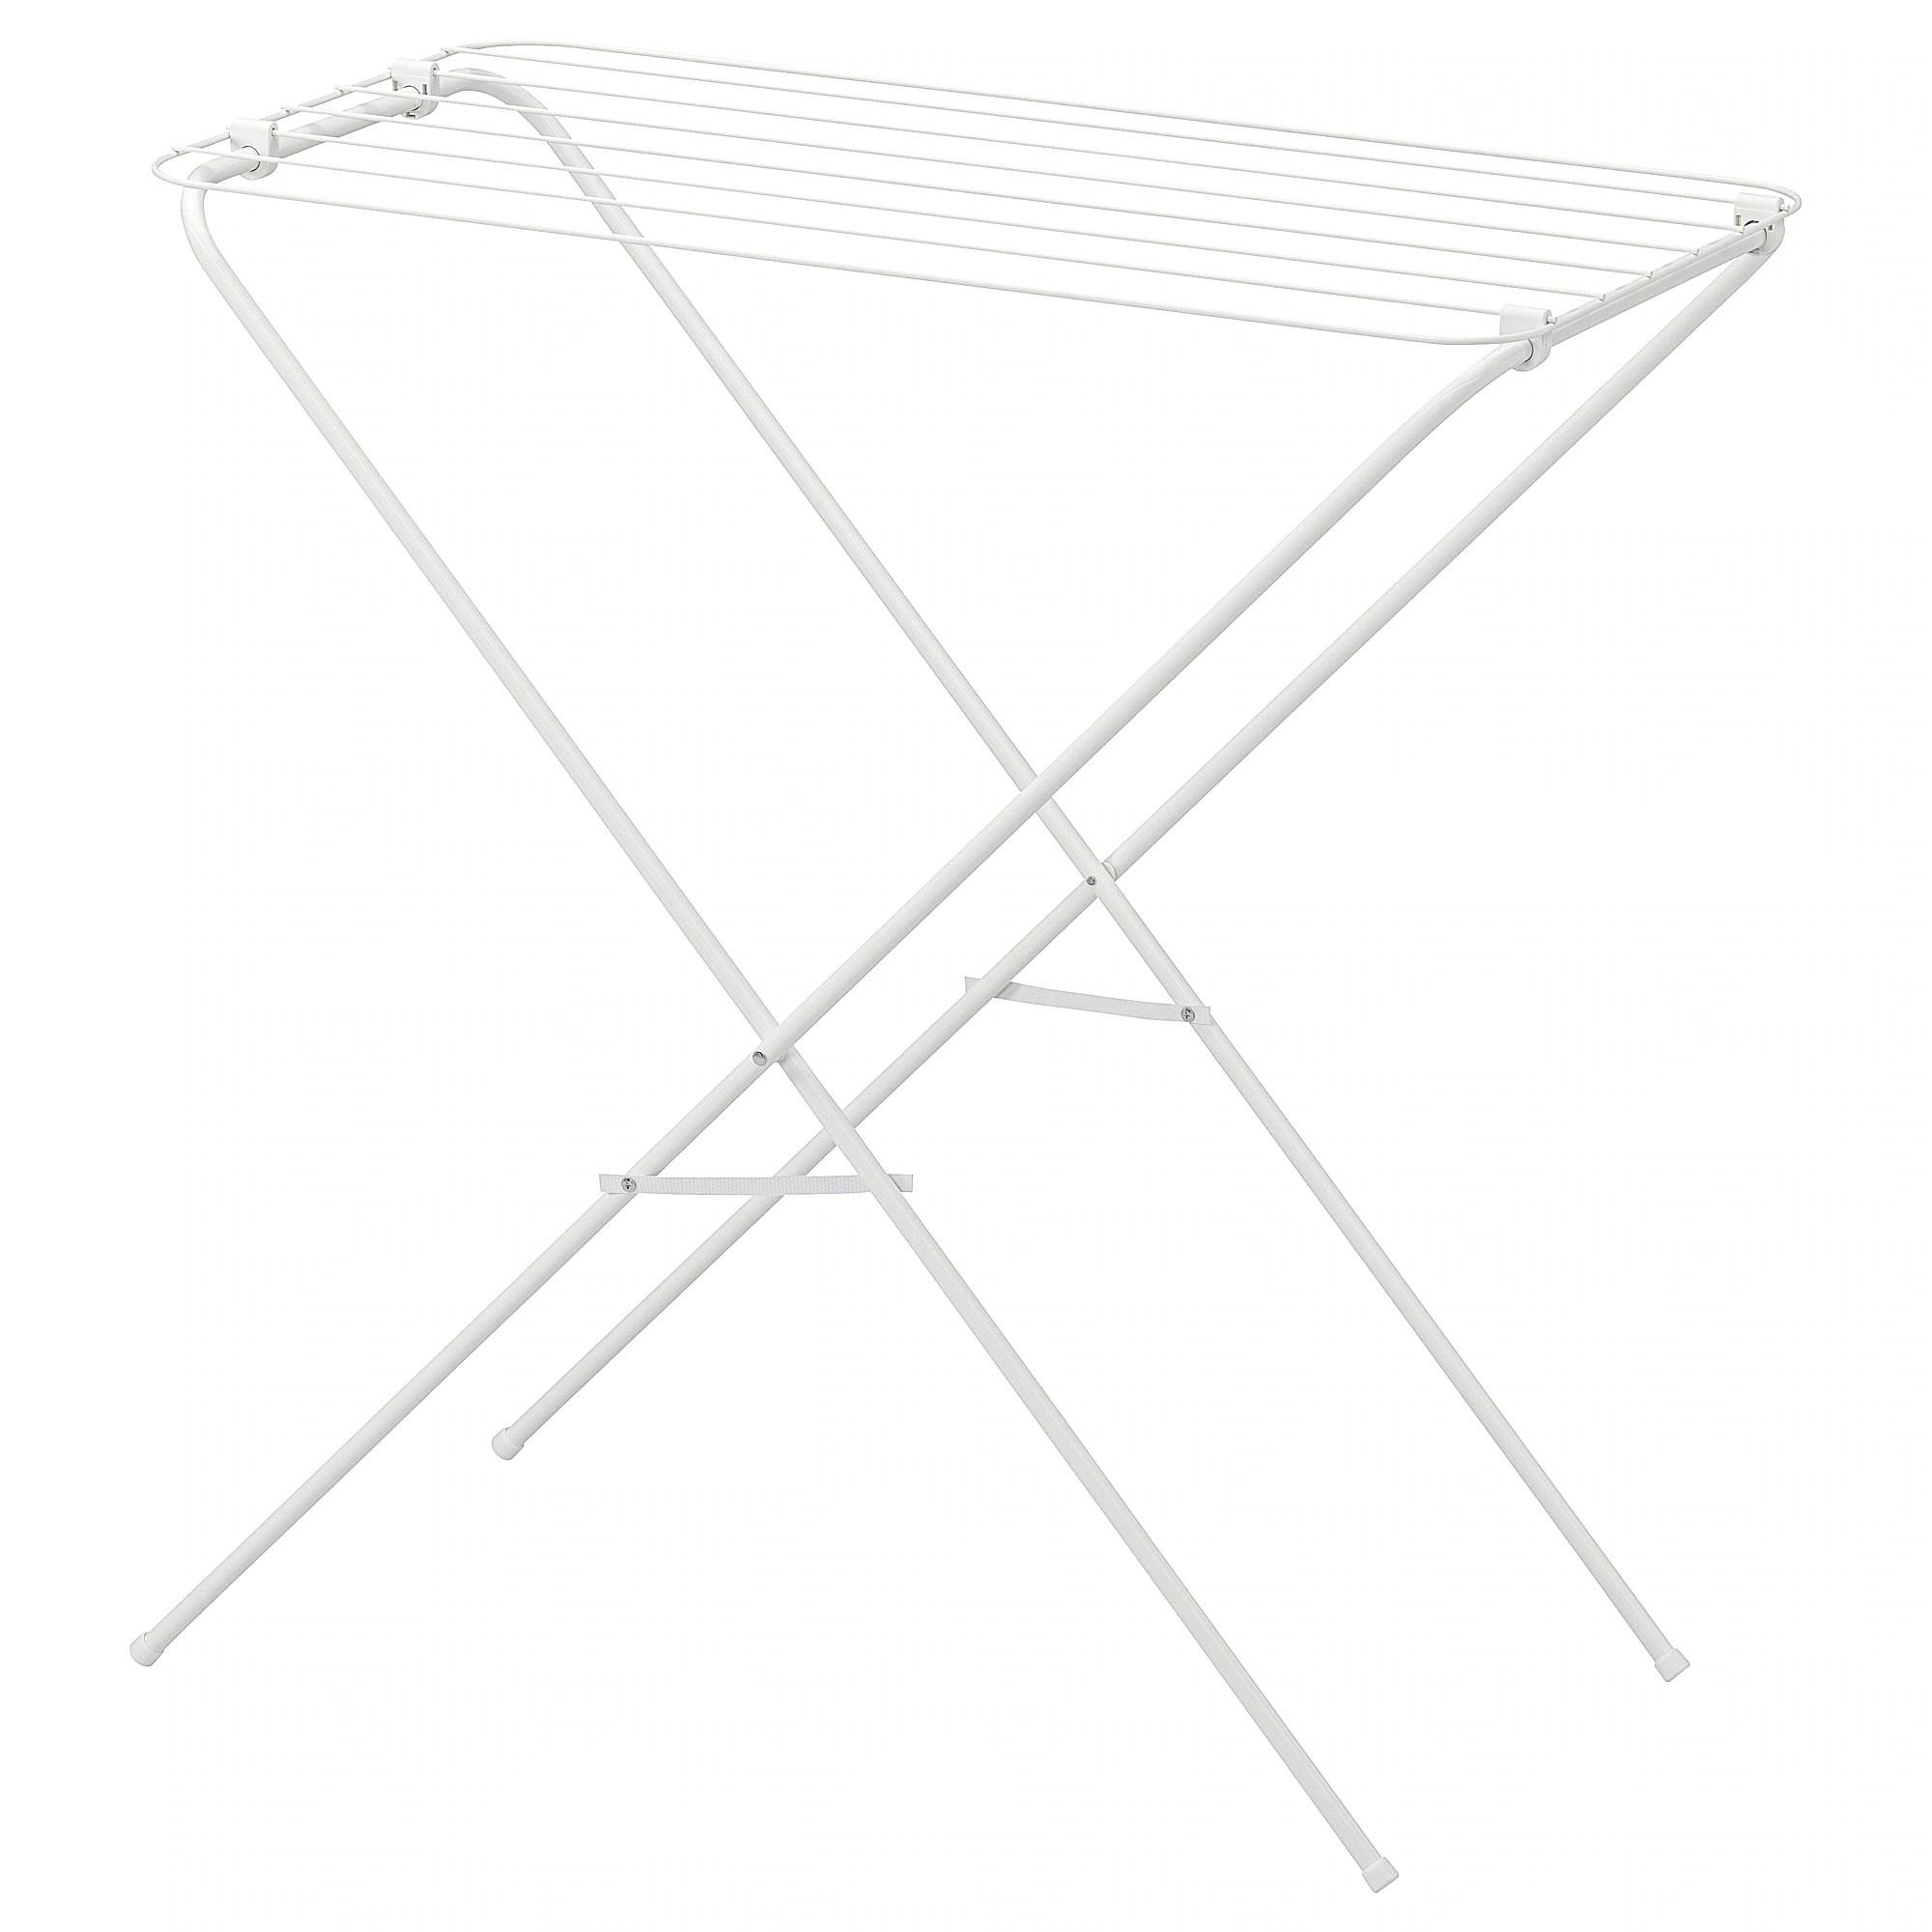 Jall Sechoir Interieur Exterieur Blanc Ikea